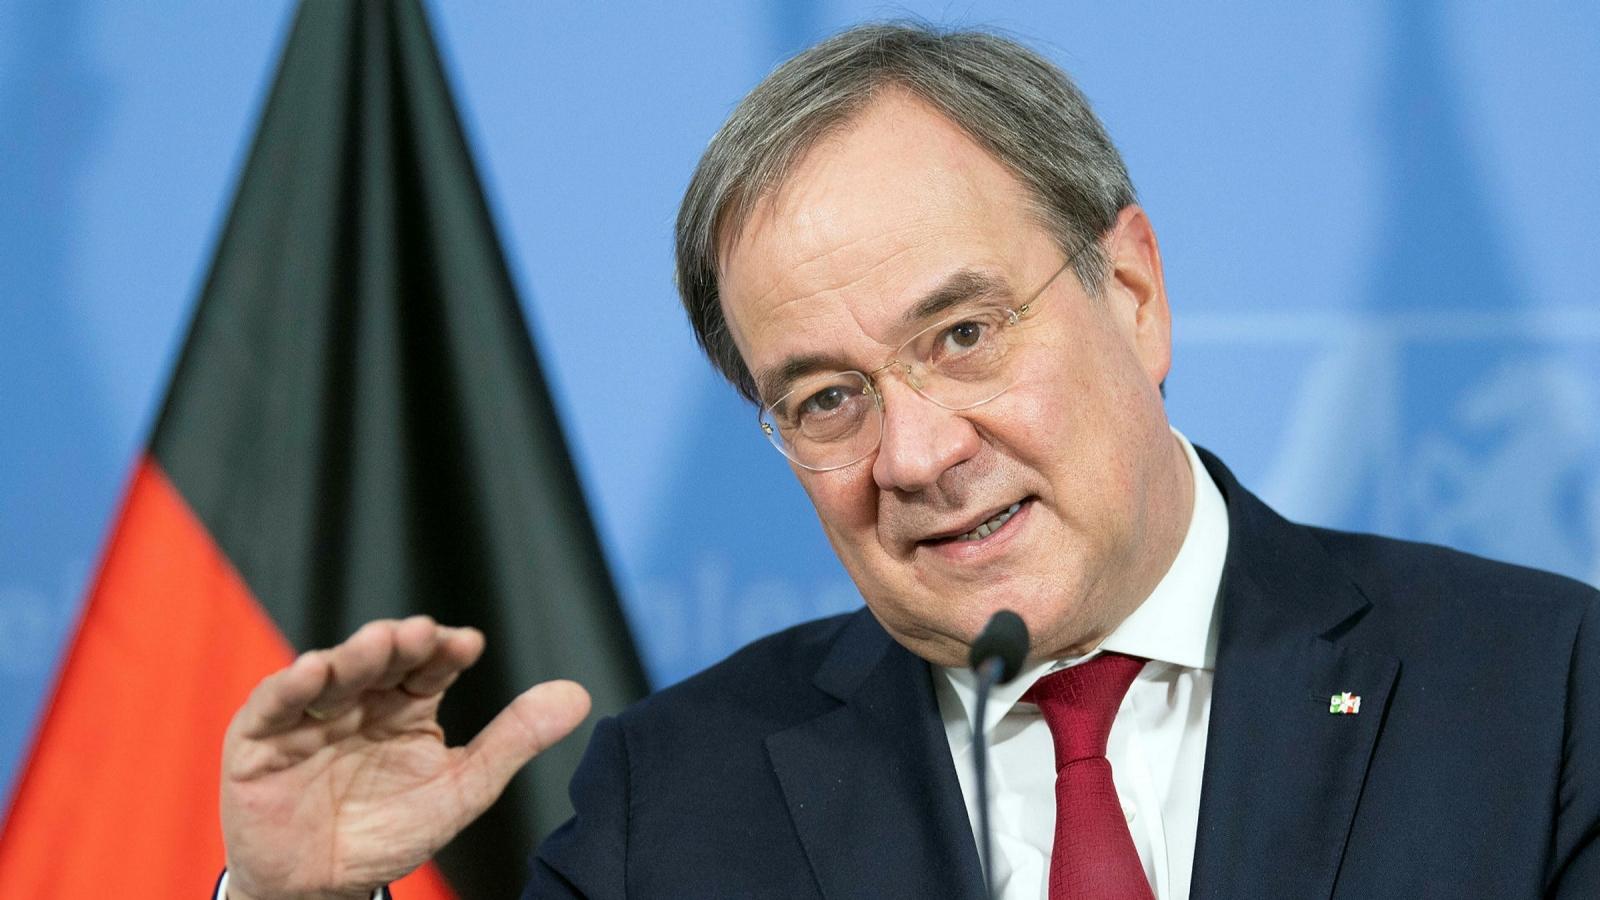 Thủ tướng Đức ủng hộ ông Armin Laschet làm người kế nhiệm